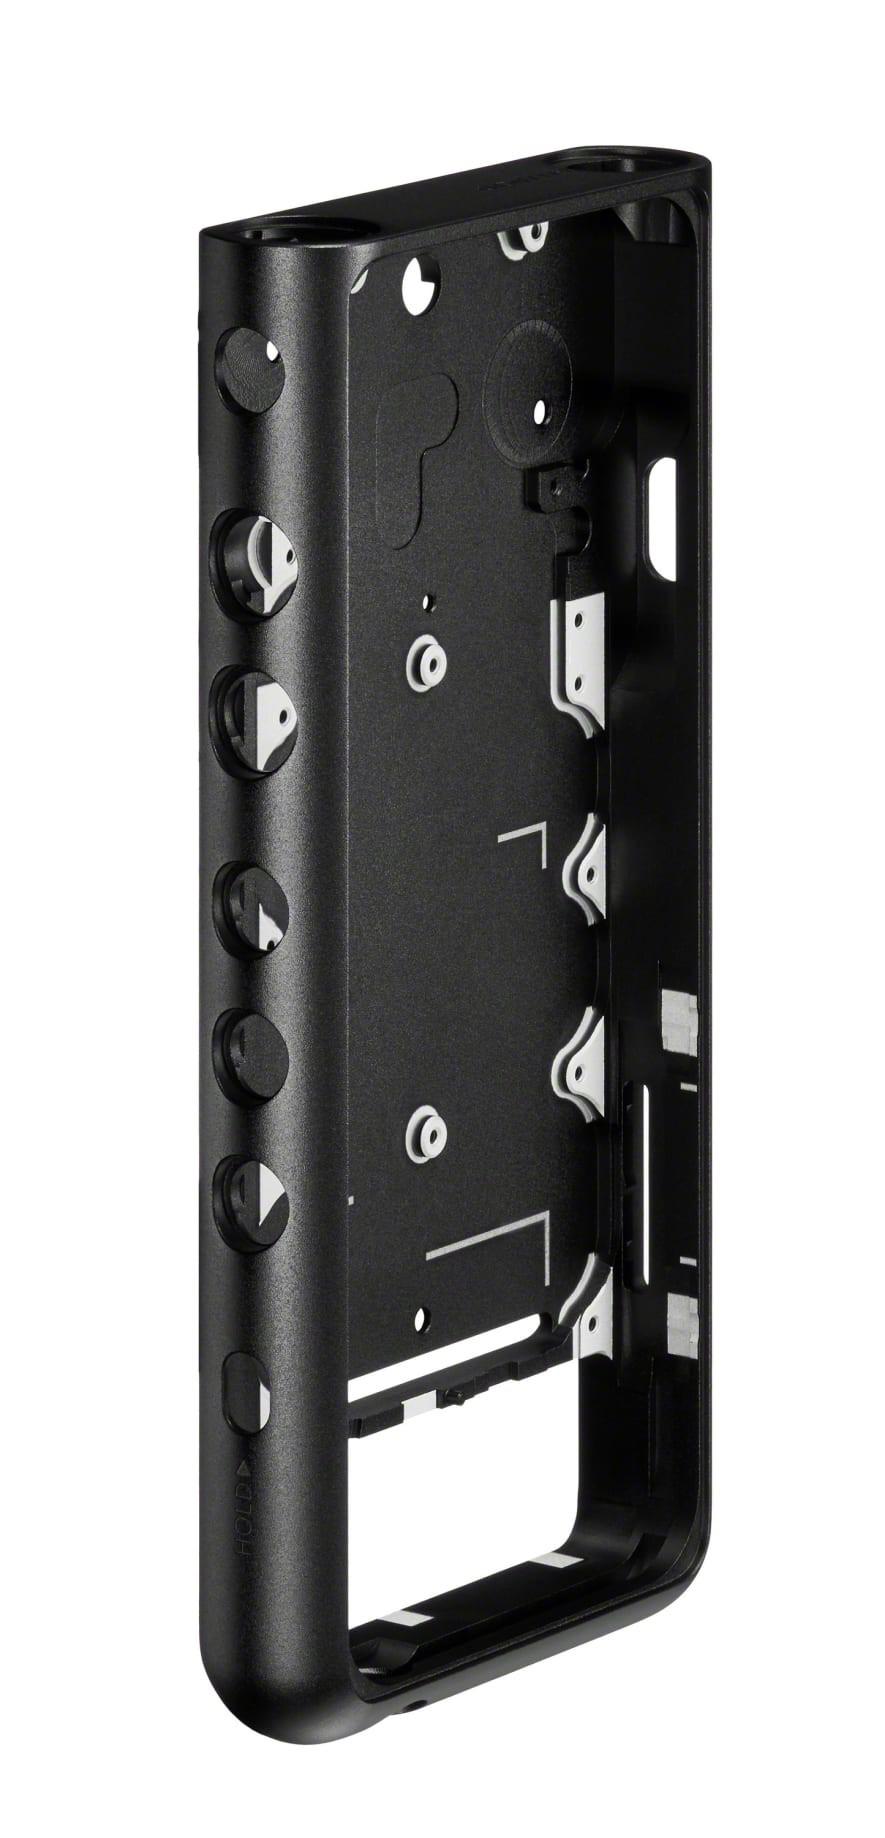 IFA 2019: Máy nghe nhạc cao cấp Walkman A100 và NW-ZX507, Android Pie 9.0, DSD native 11.2MHz ảnh 4